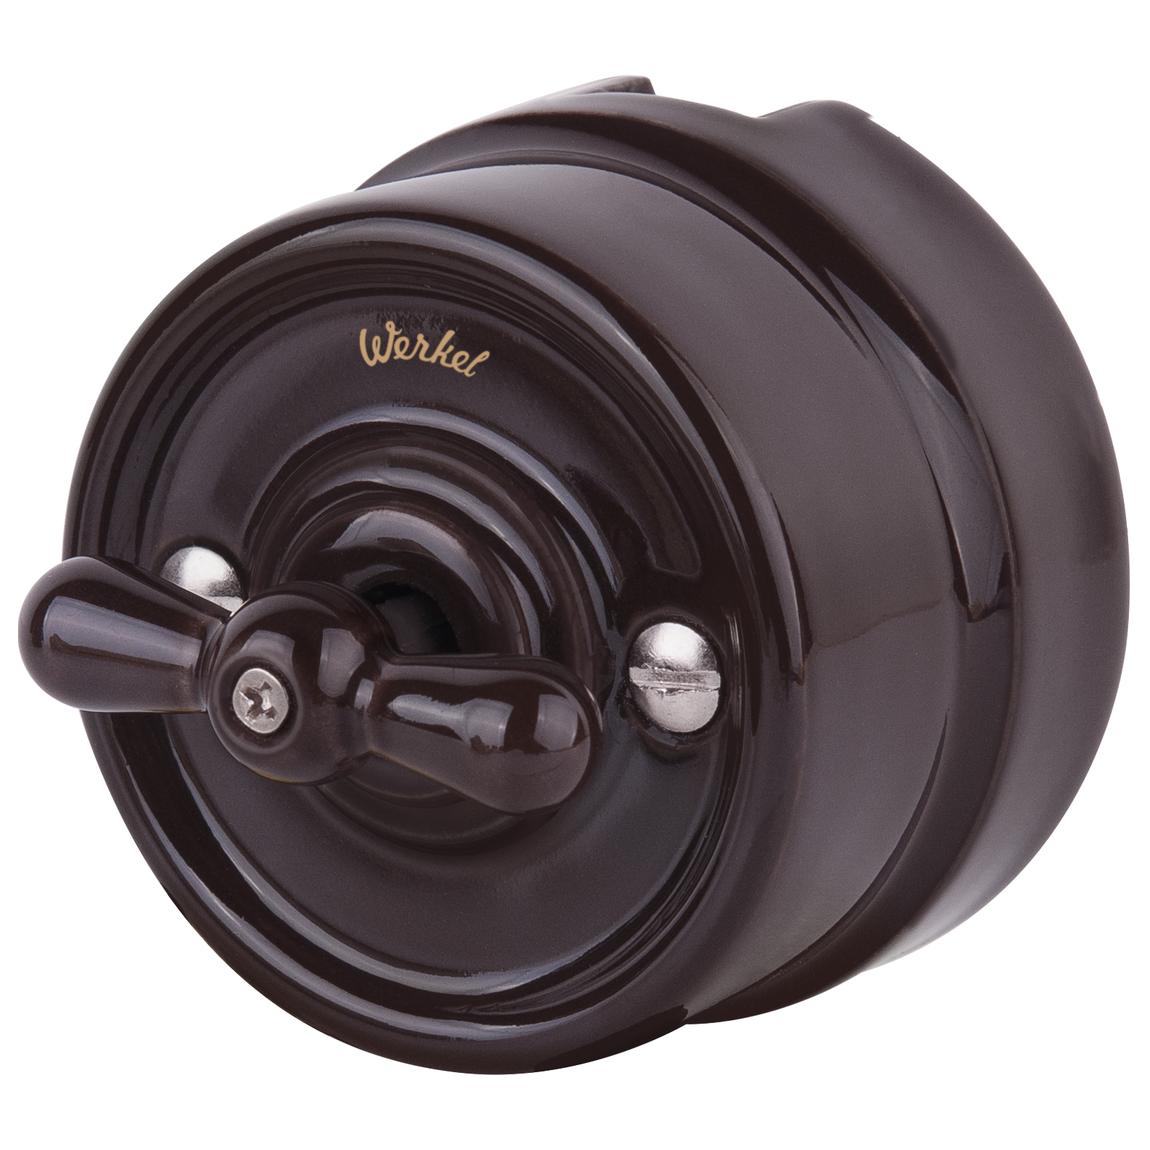 Выключатель Werkel WL18-01-05 коричневый